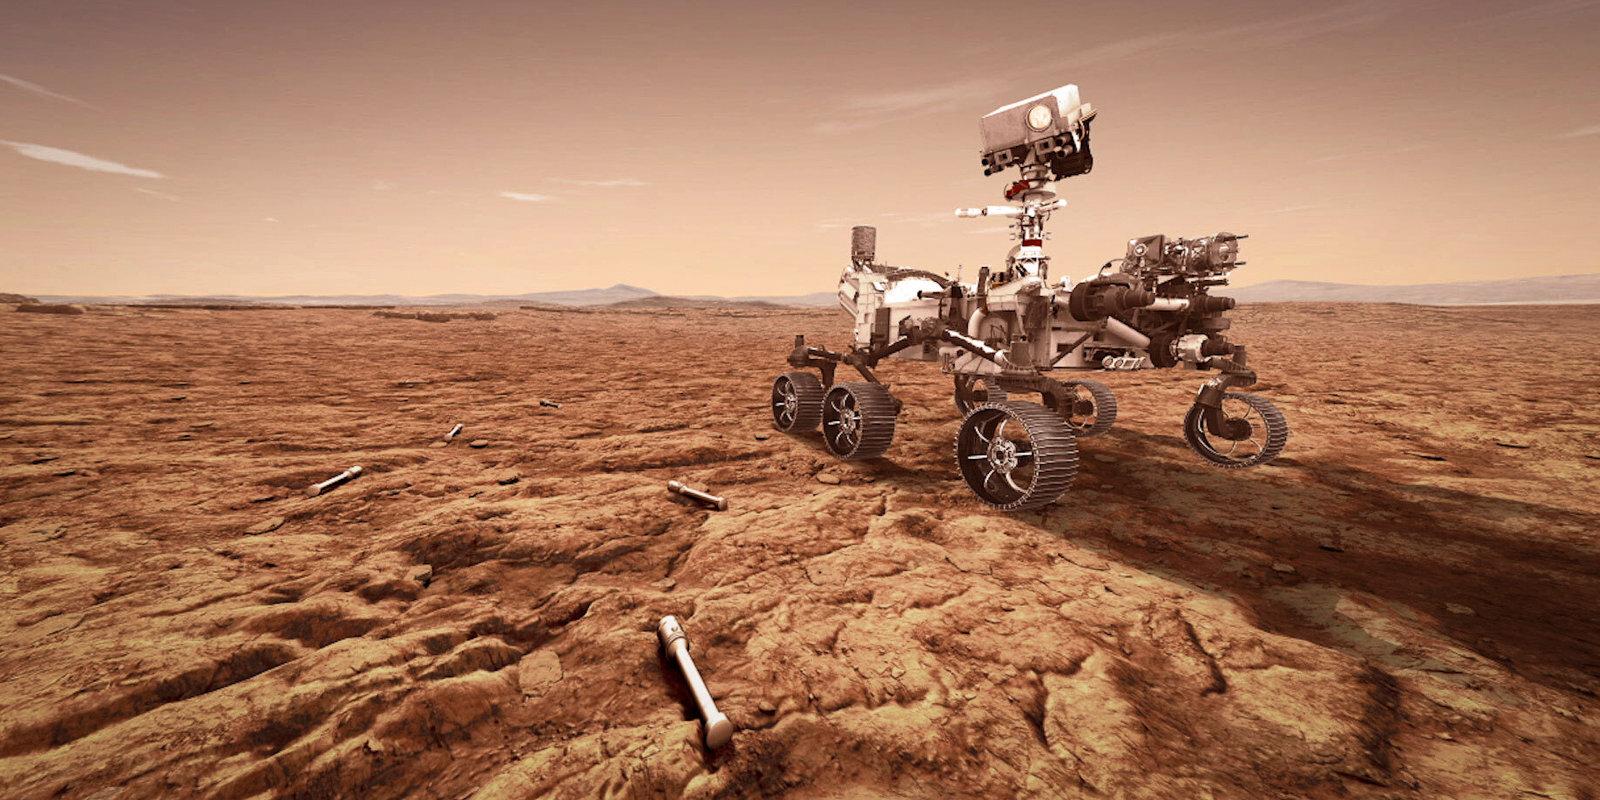 Pienācis sūtījums no Marsa. Kā realizēs kosmiski dārgo 'pasta piegādi'?